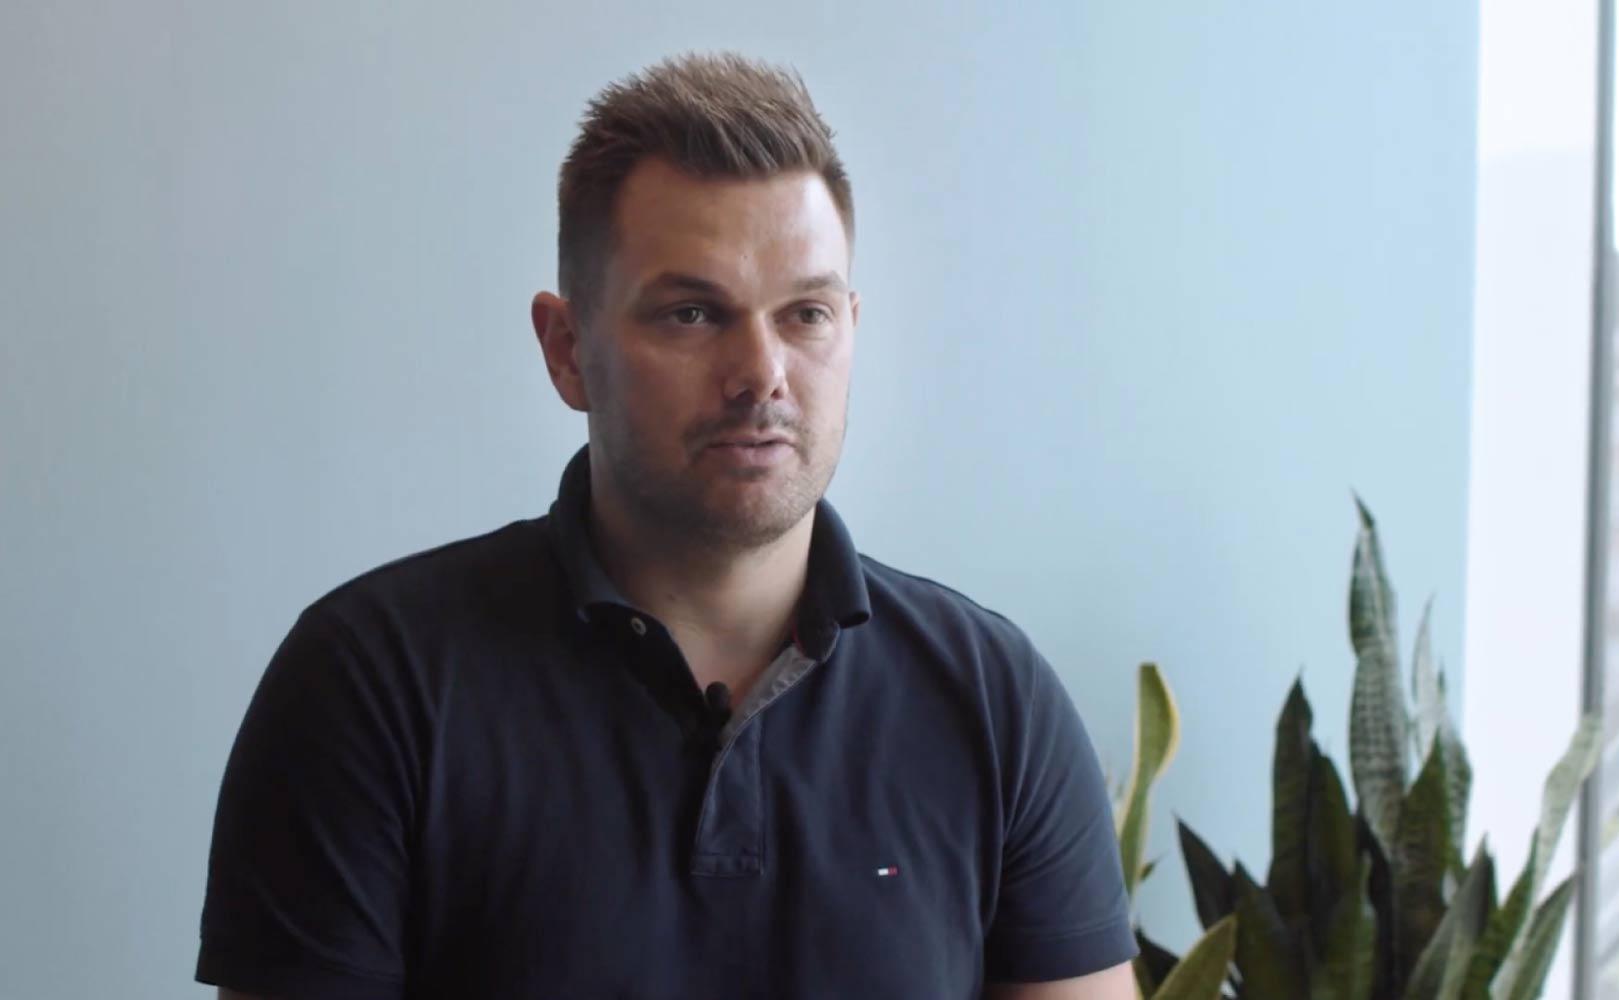 Et screenshot af CMO for Dinero, Patrick Teglstrup, der taler om online markedsføring